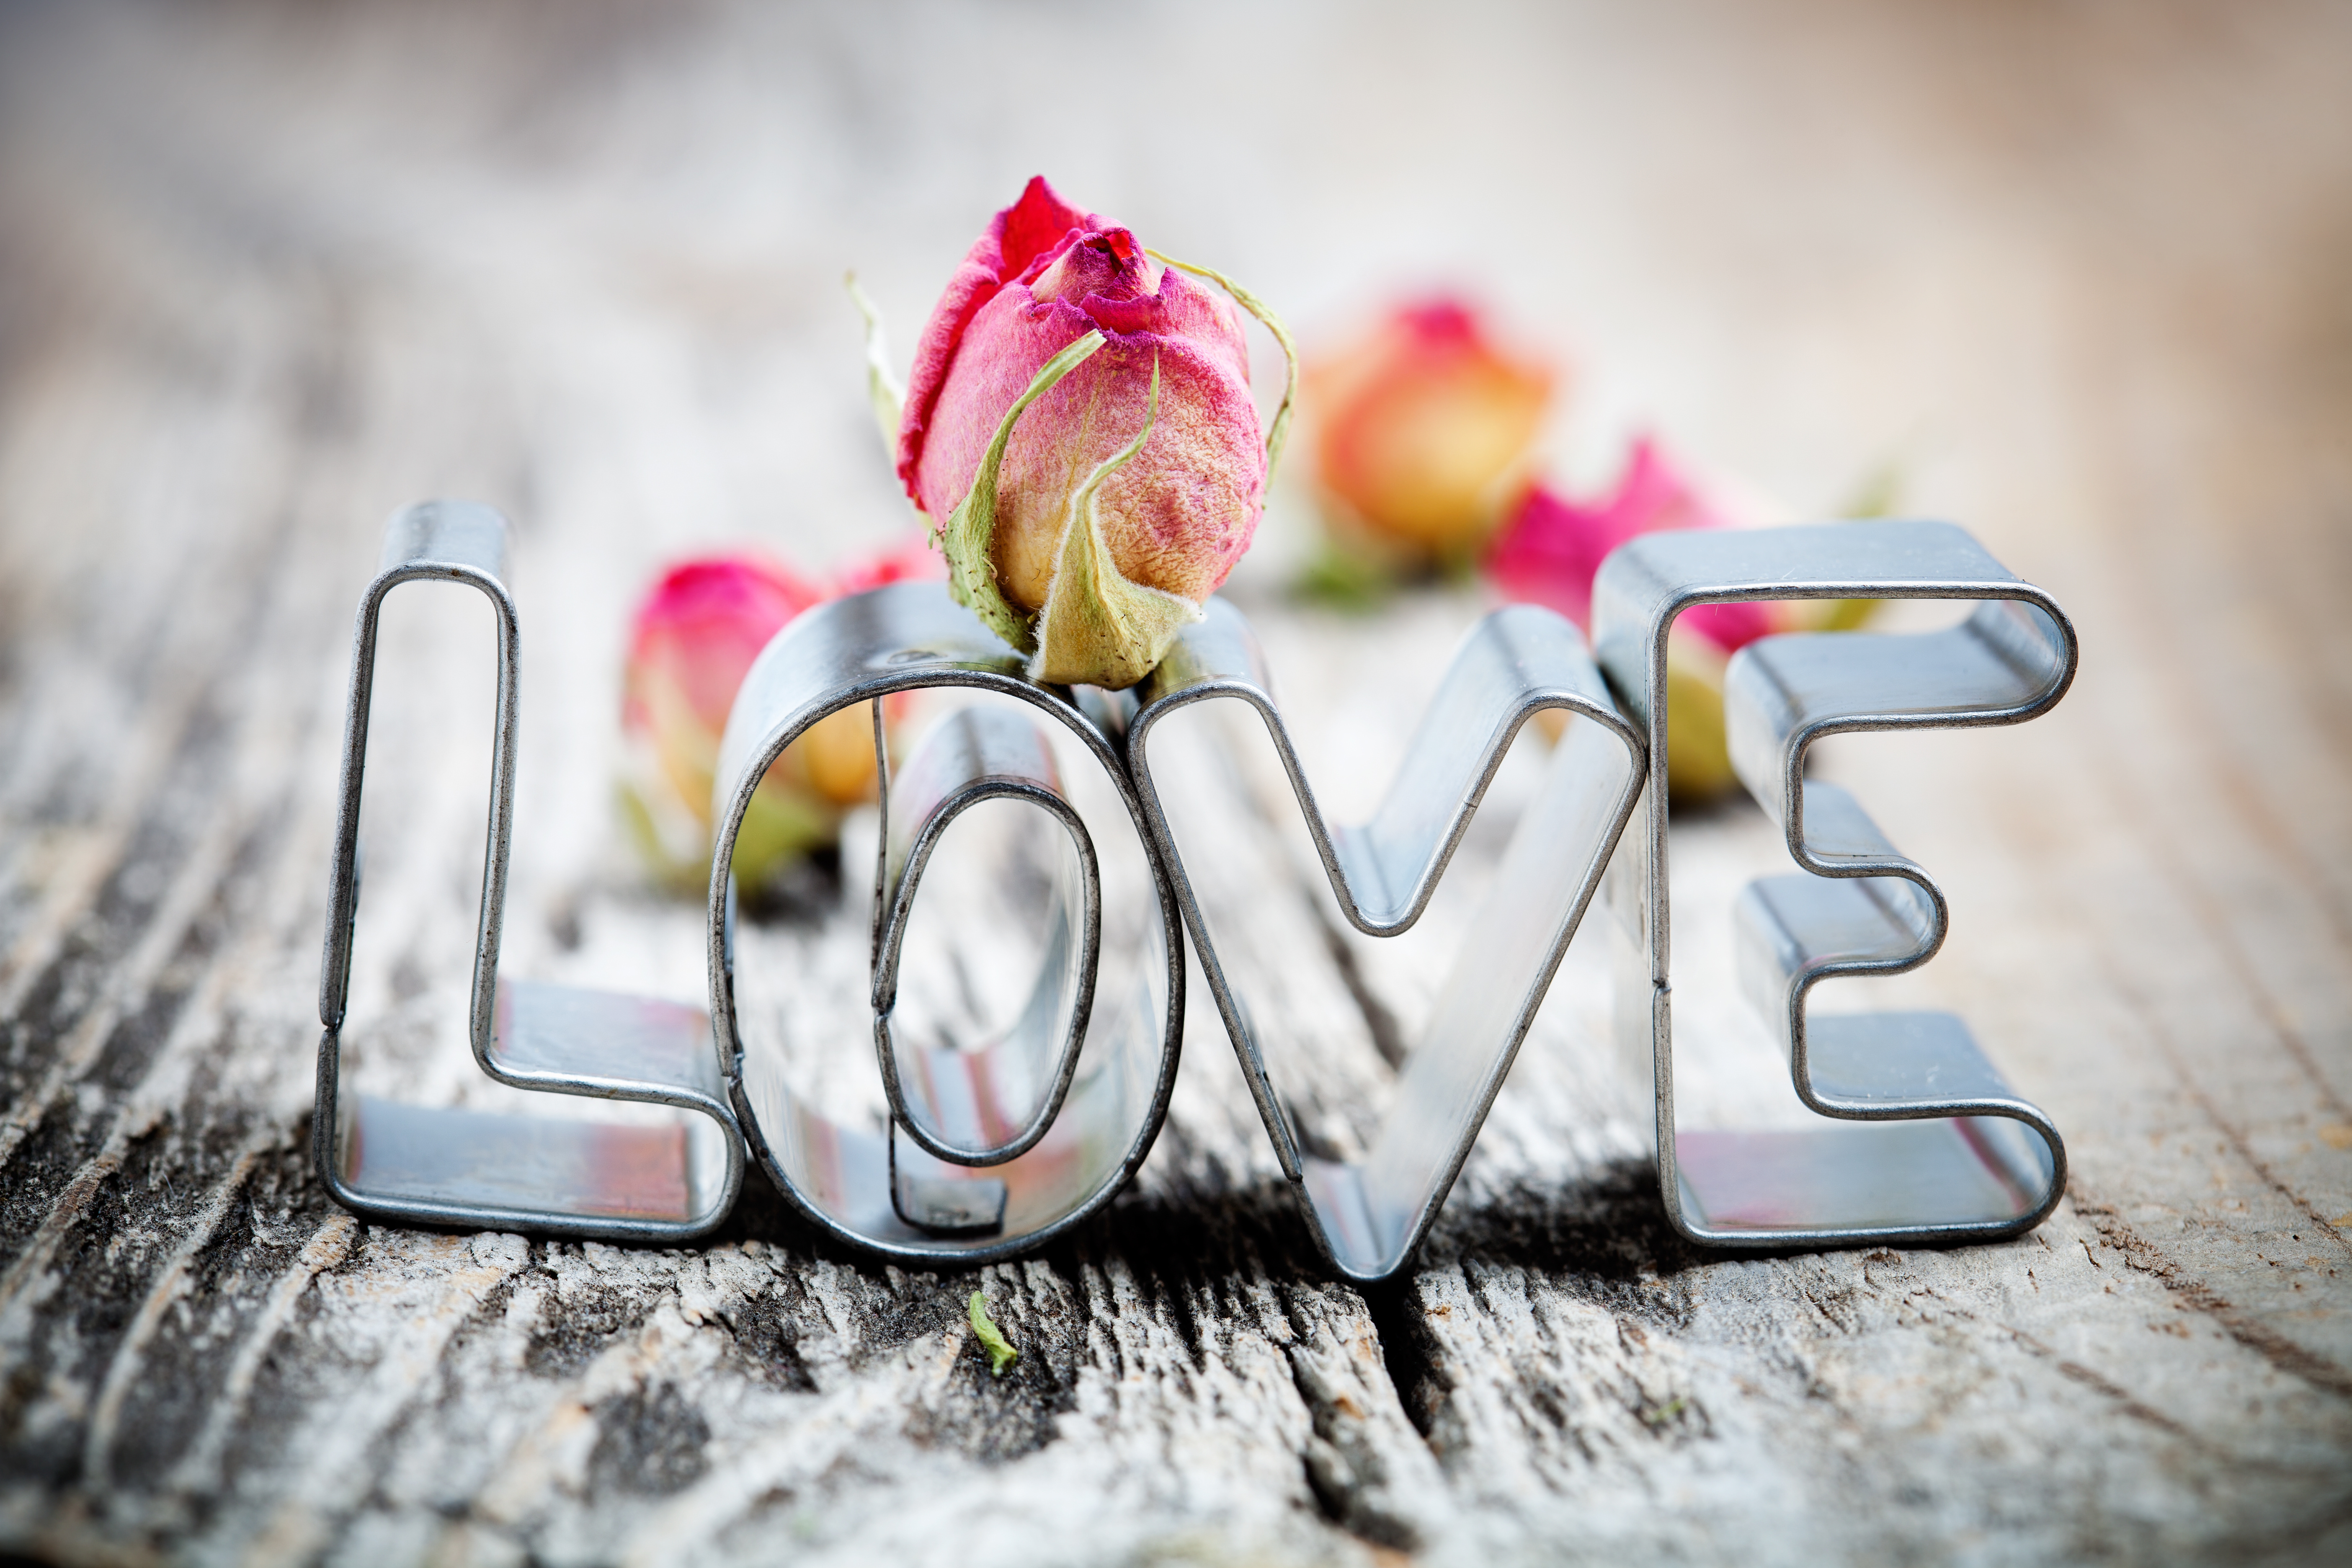 обои на рабочий стол на тему любовь № 1093929 загрузить